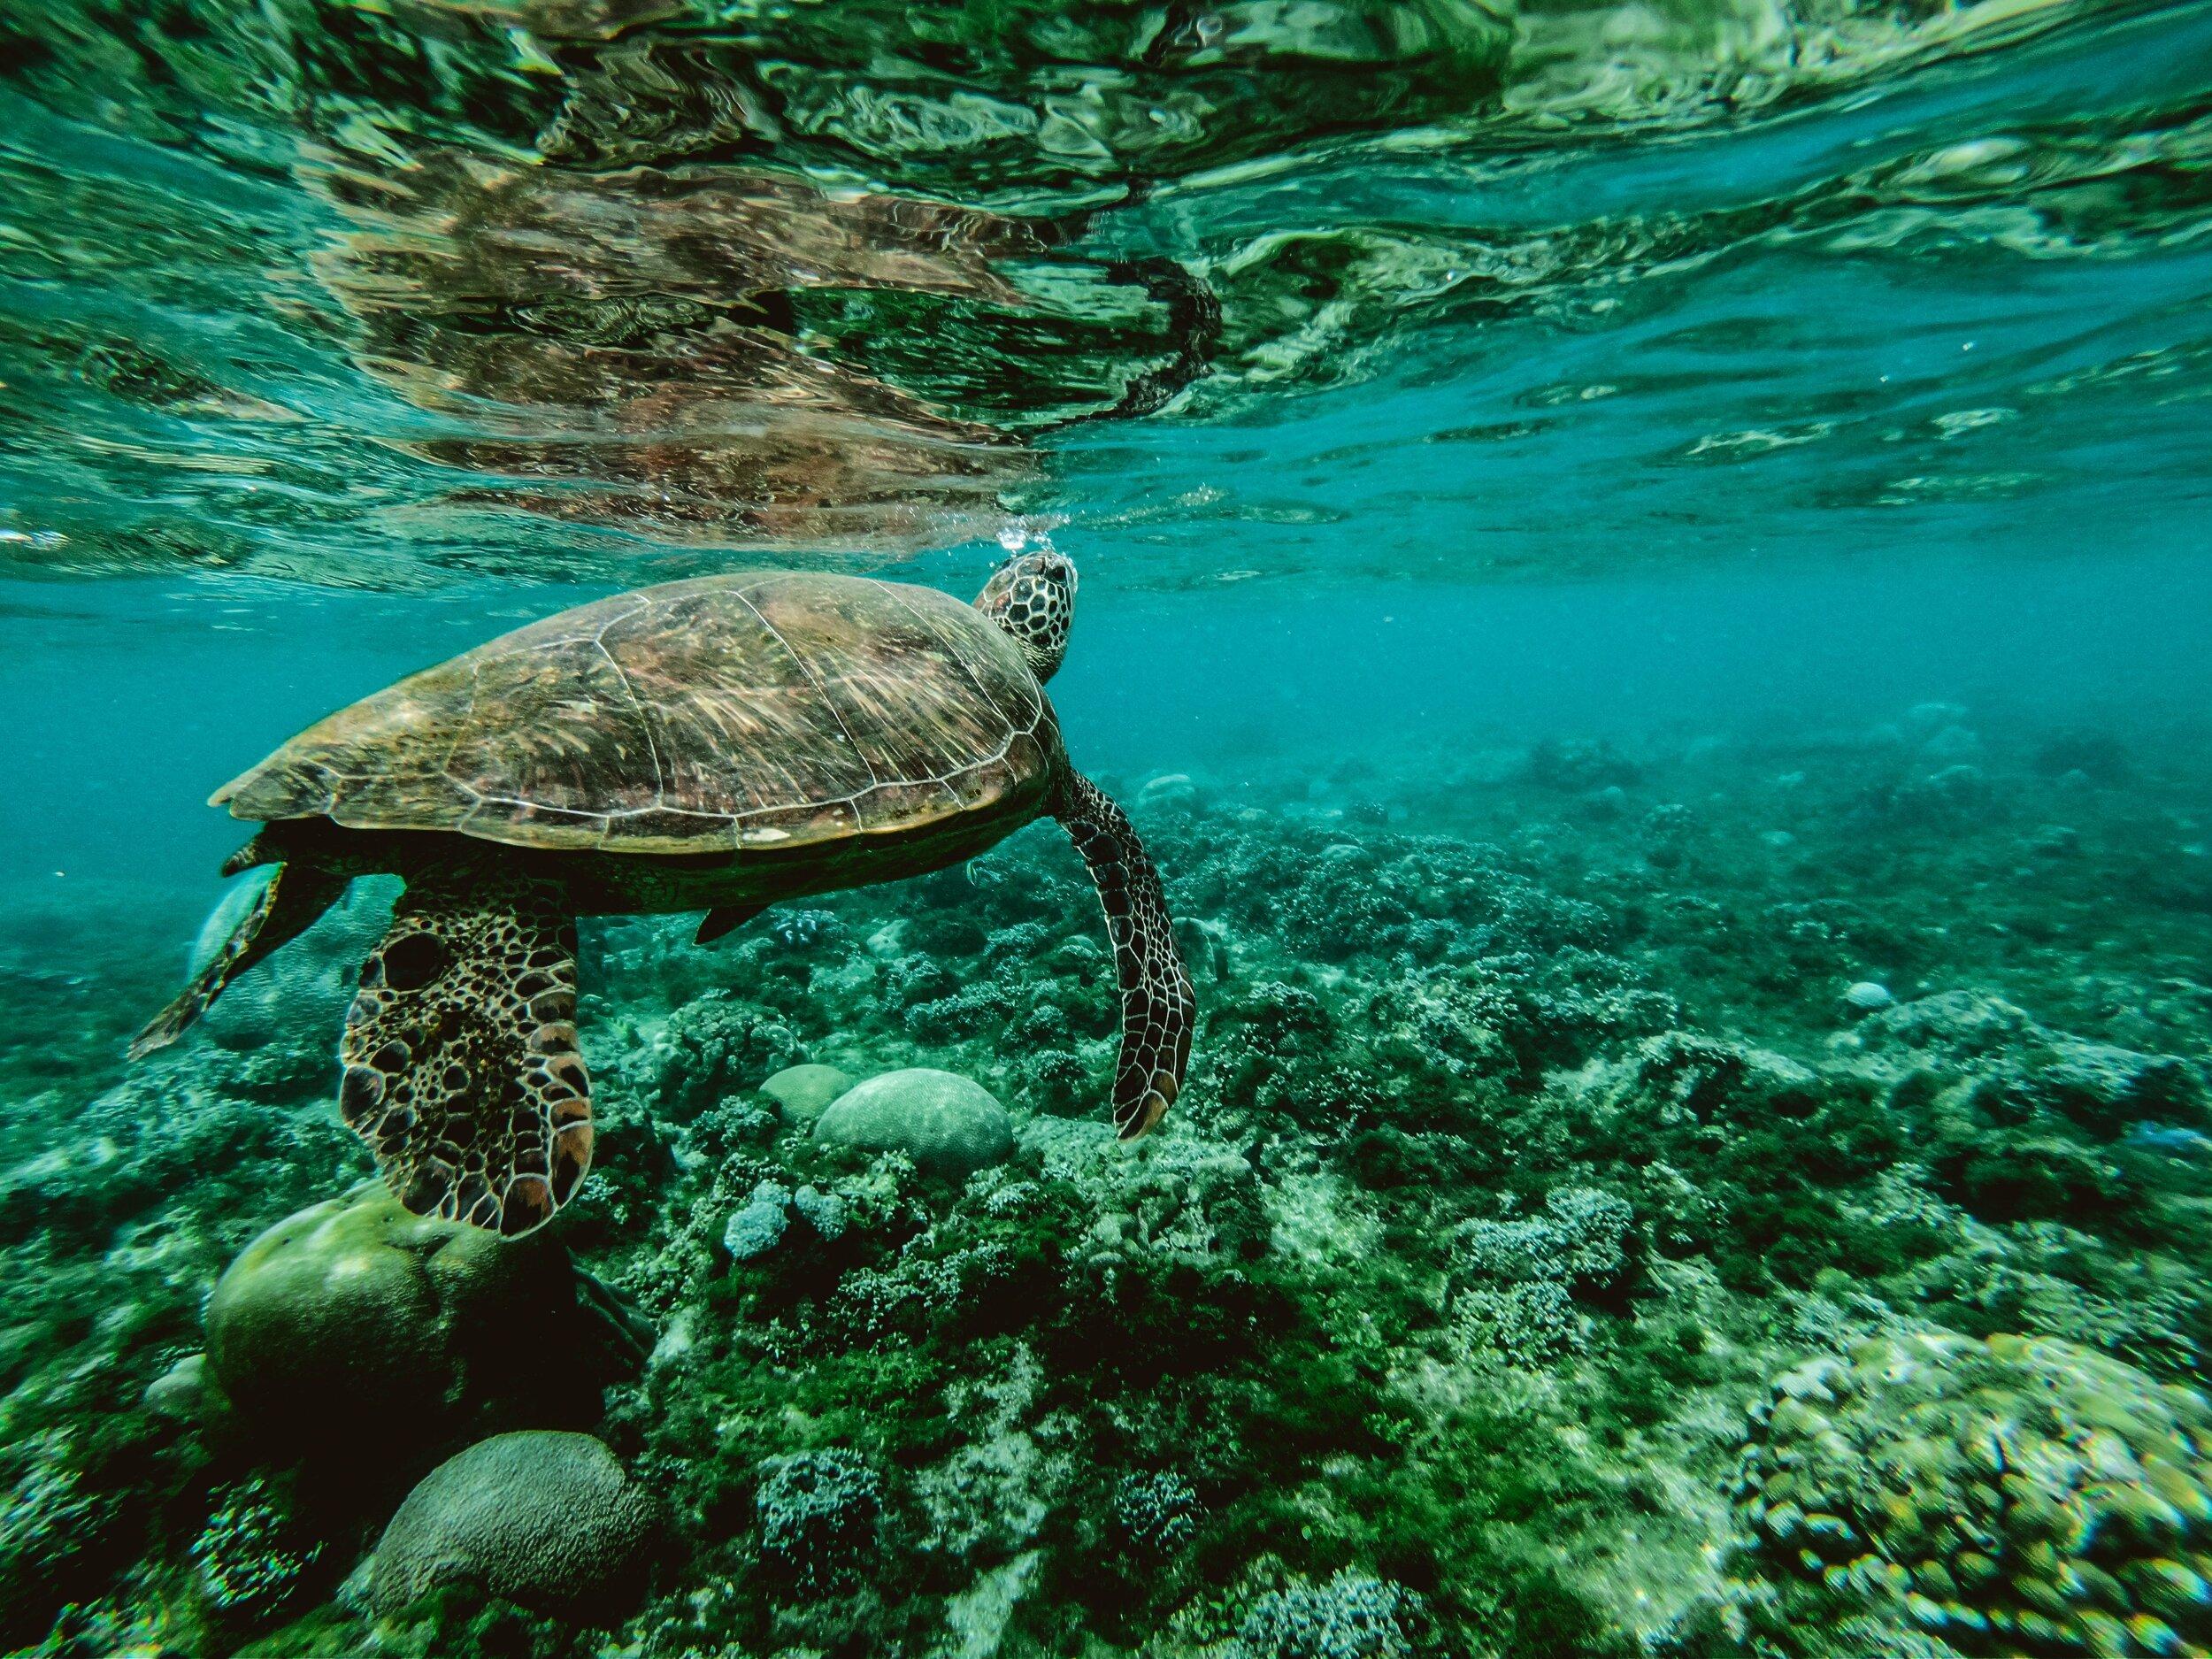 海龟在海底游泳,下面是珊瑚礁